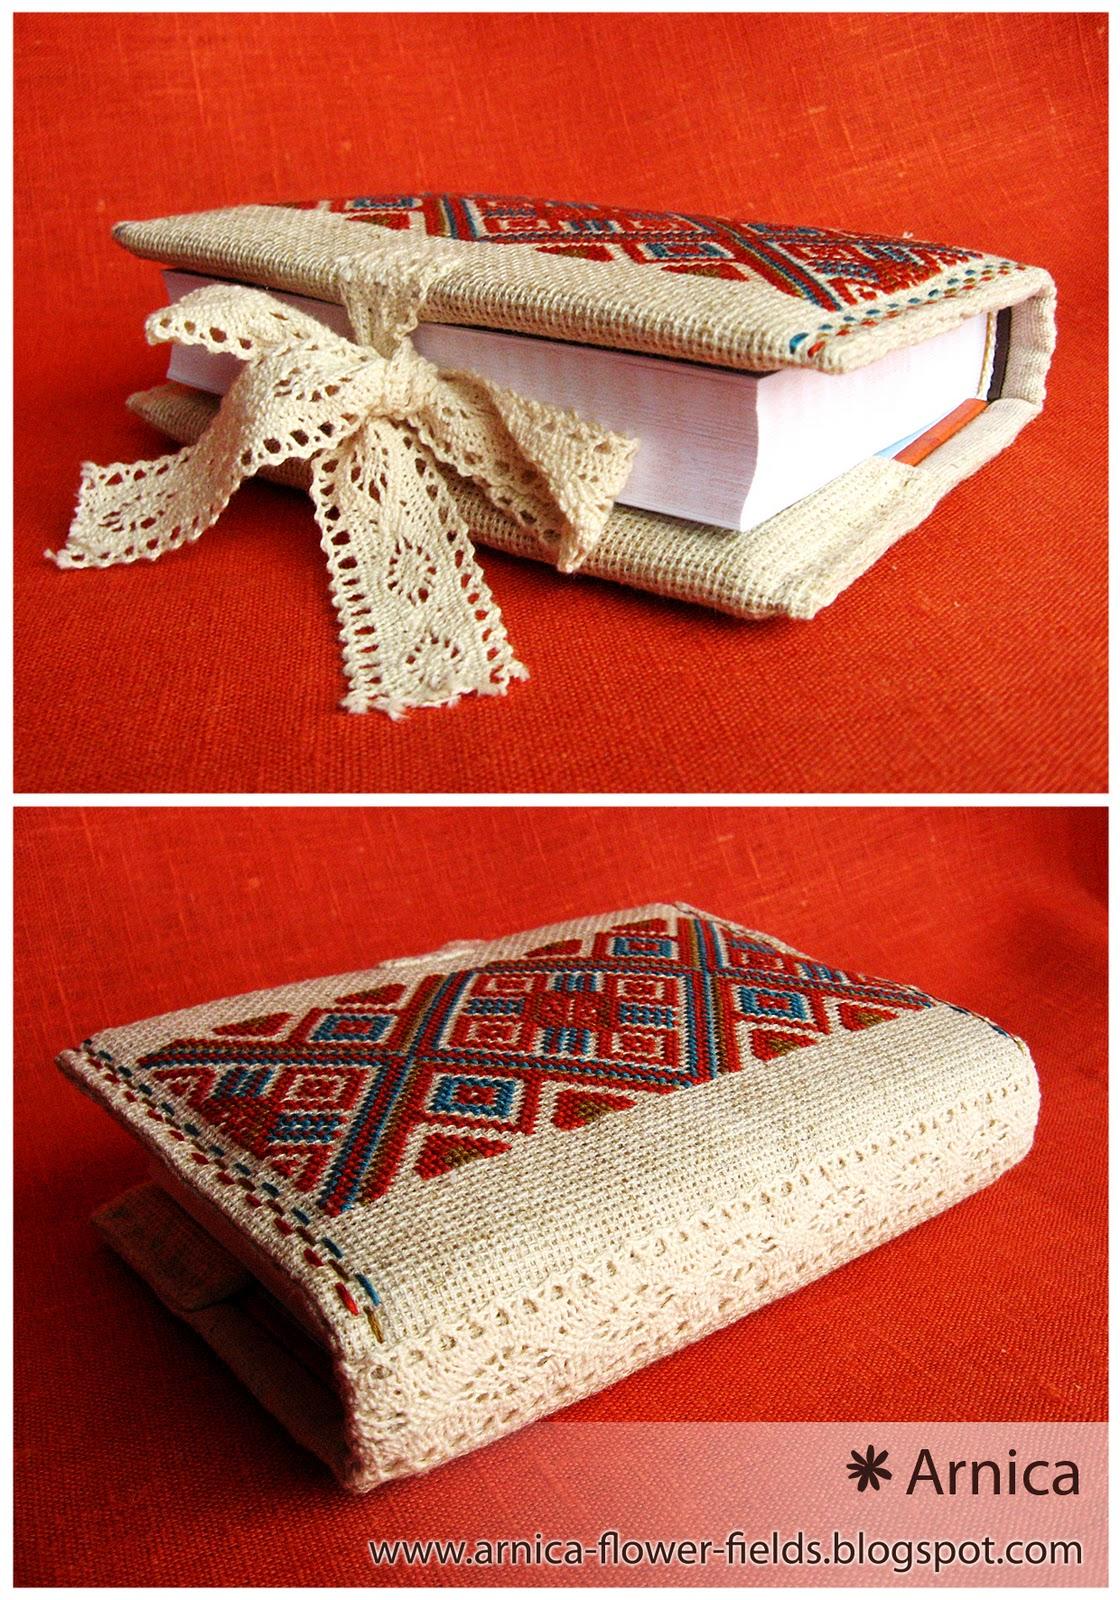 схема рисунка белорусского орнамента для вышивки